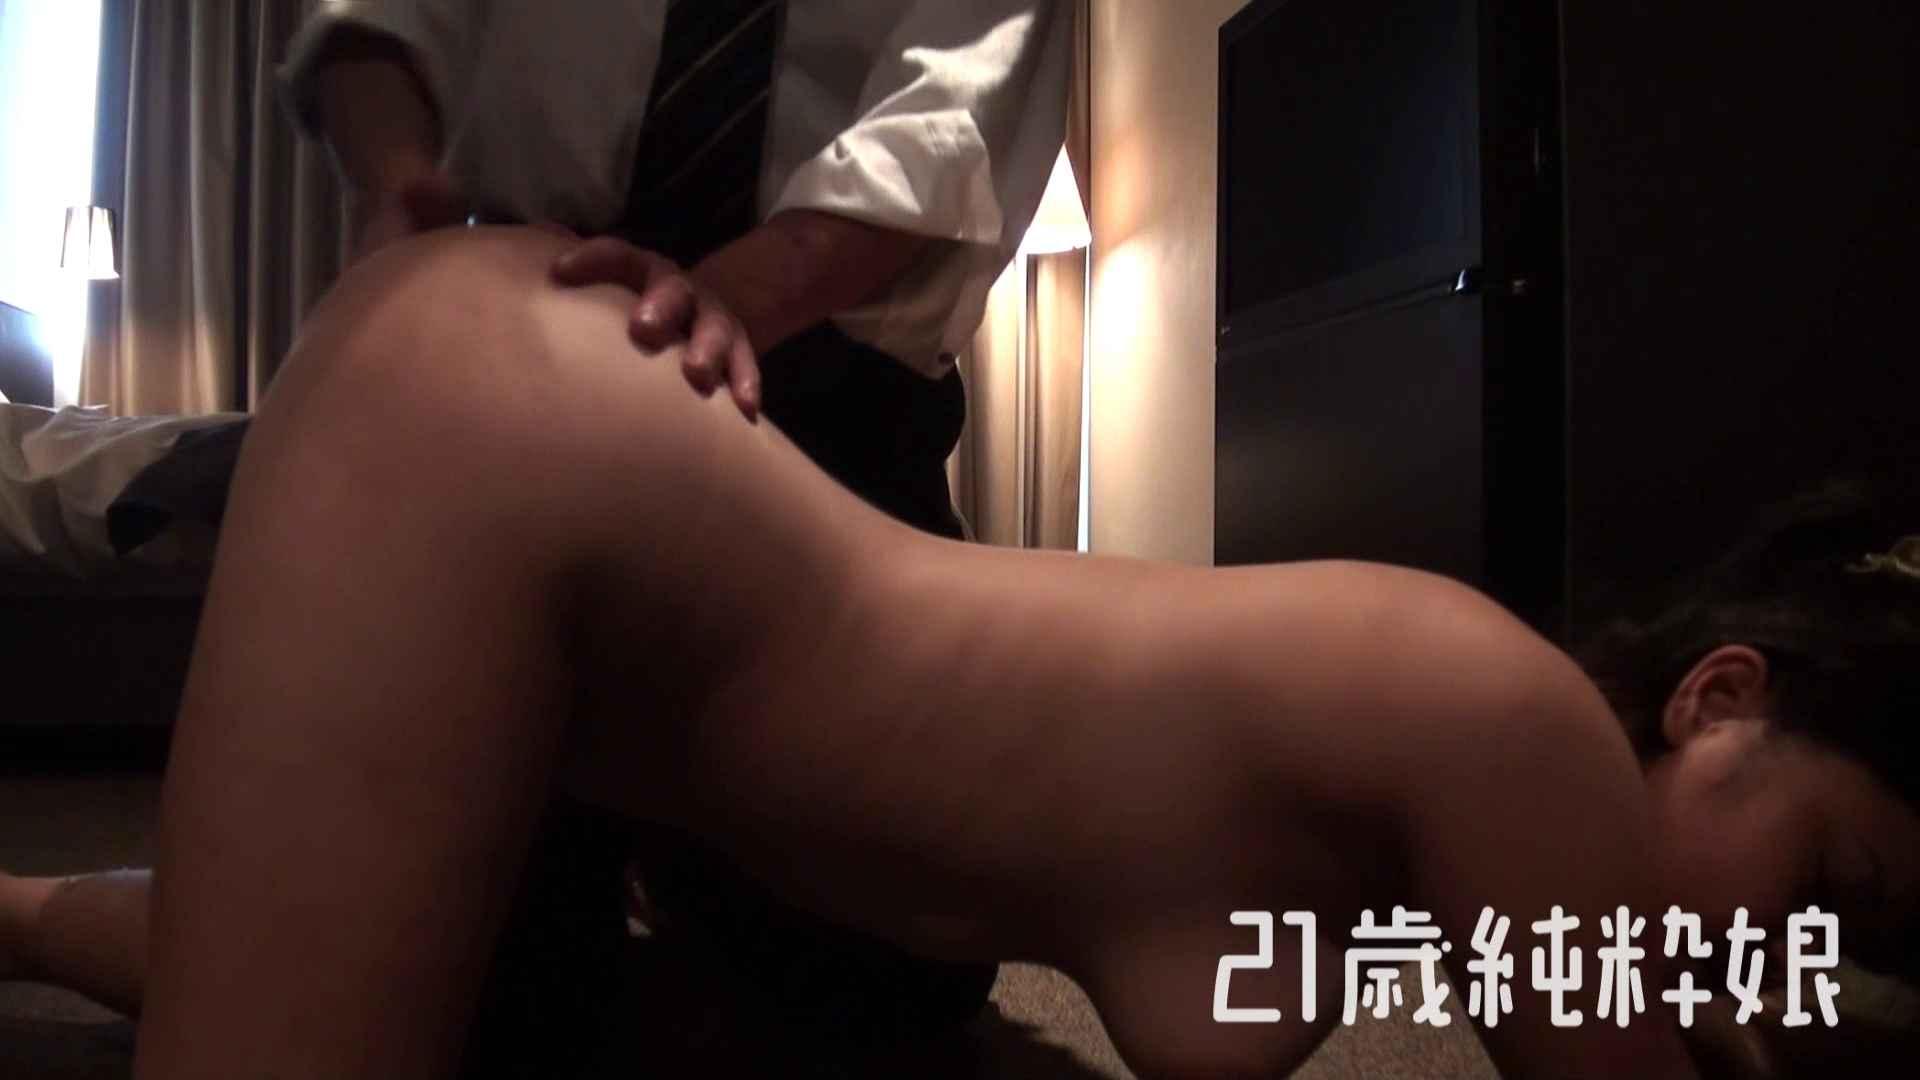 上京したばかりのGカップ21歳純粋嬢を都合の良い女にしてみた2 オナニー特集 | ギャル達のSEX  77画像 43